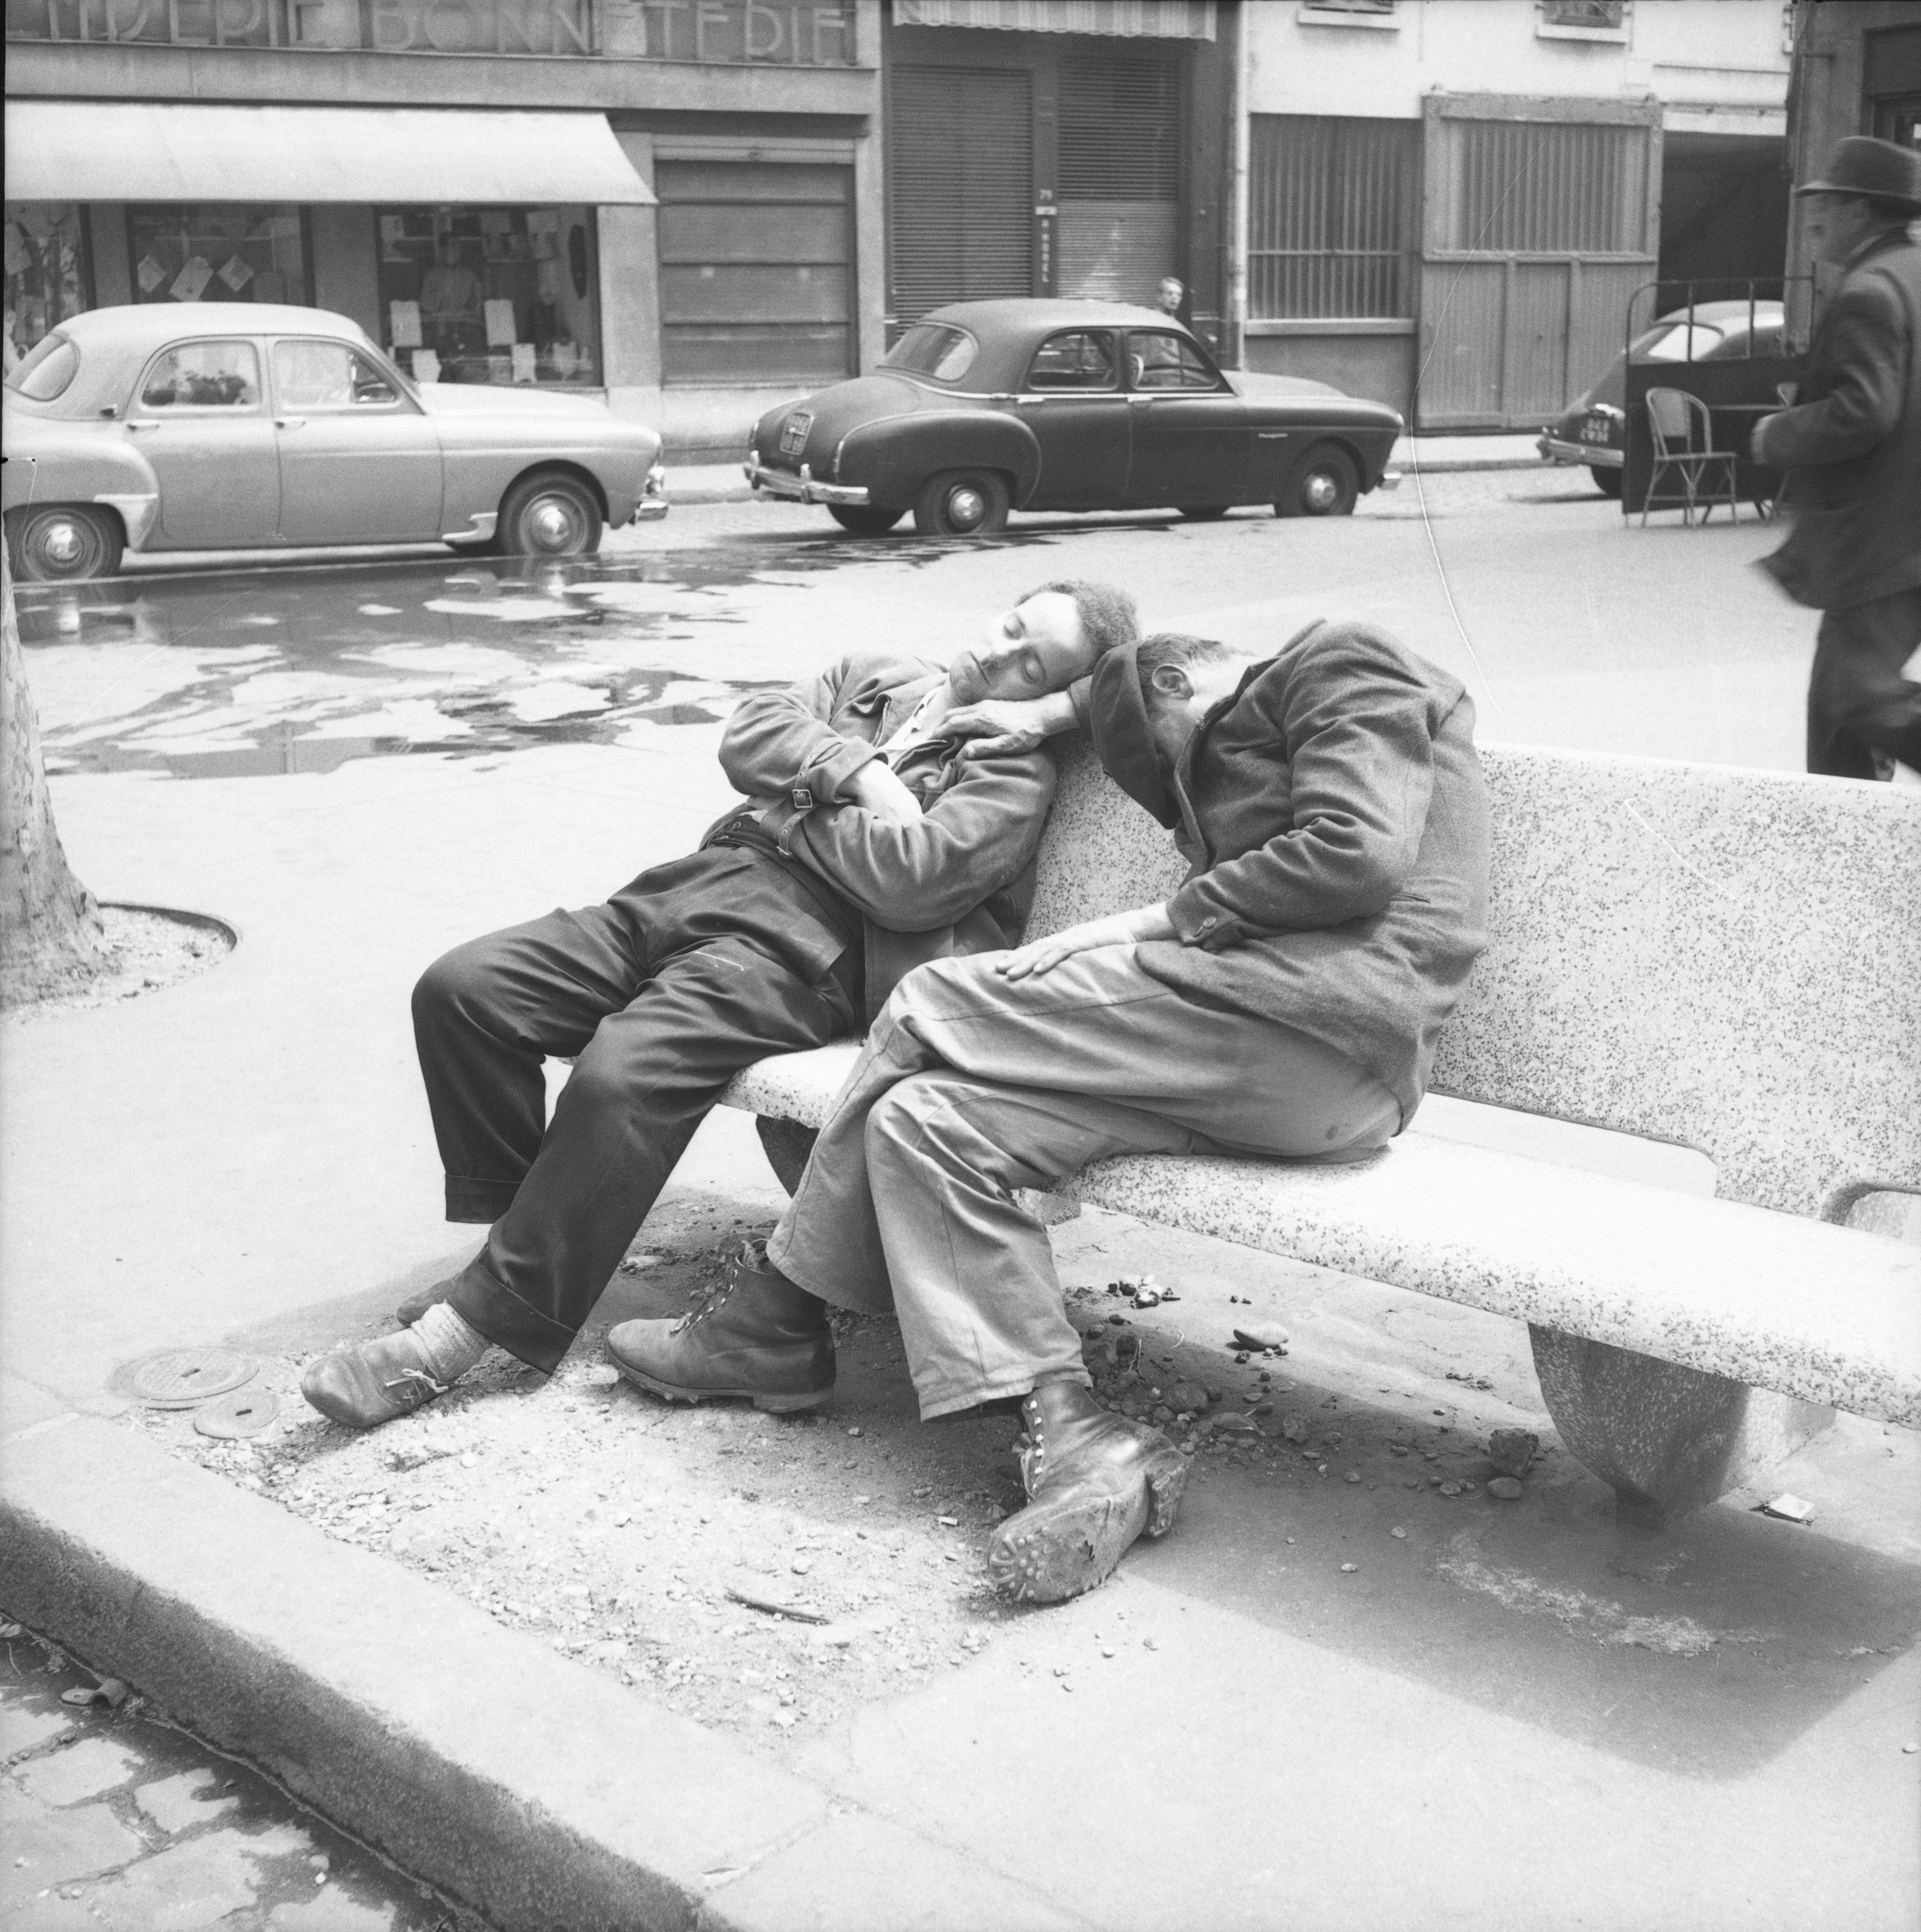 photographes en rhône-alpes::[deux hommes endormis sur un banc en